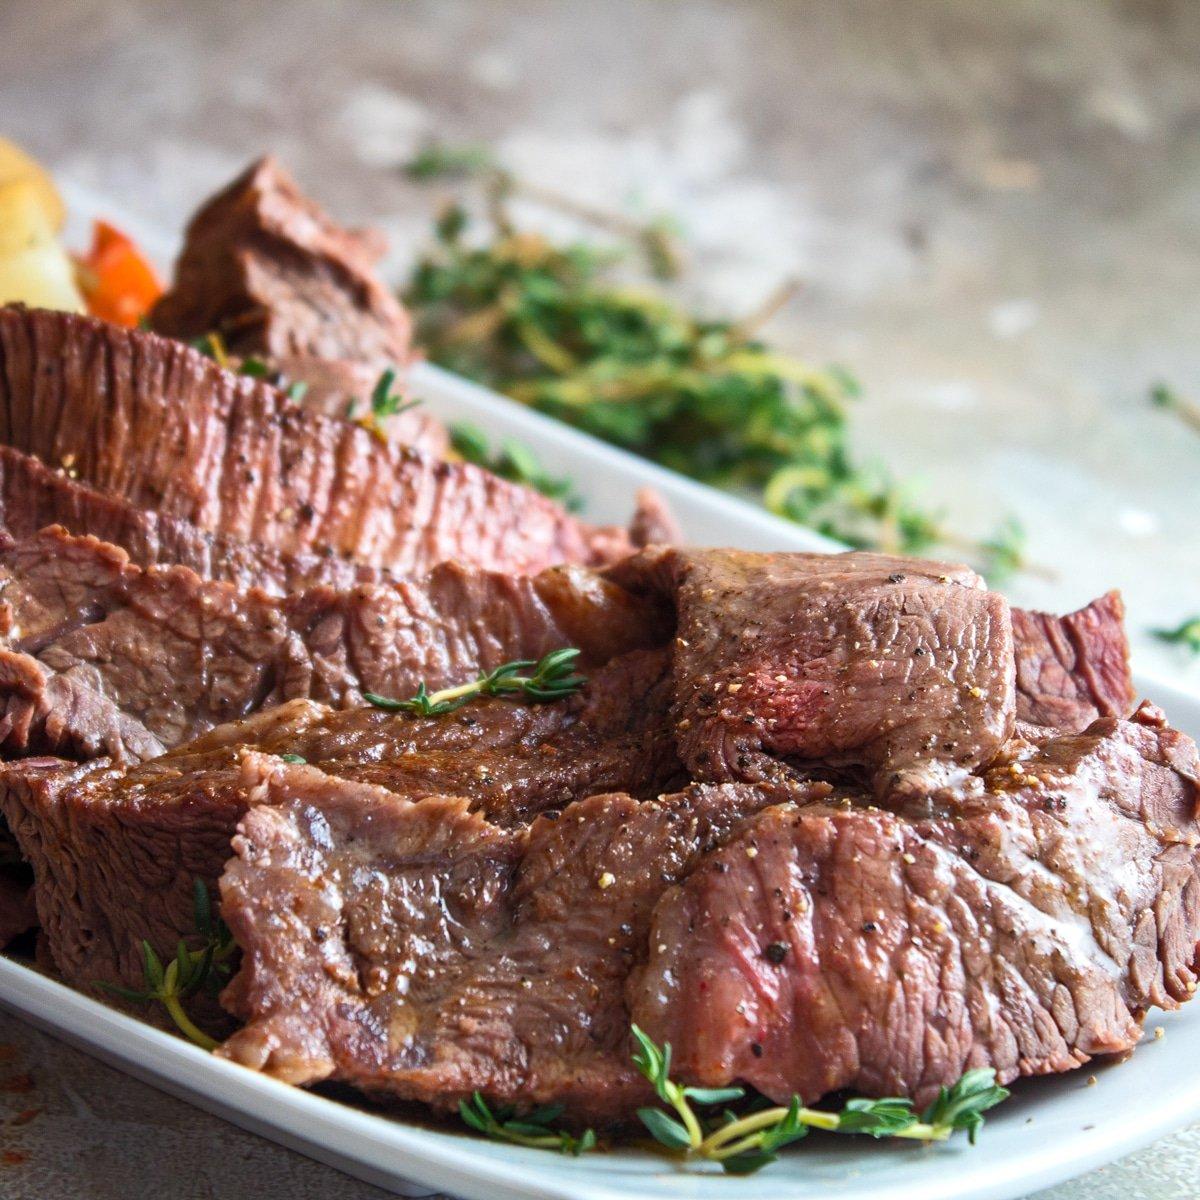 Önde dilimlenmiş et ve arkada istiflenmiş sebzelerle beyaz bir tabakta servis edilen güveç yankee rostosunun büyük kare görüntüsü.